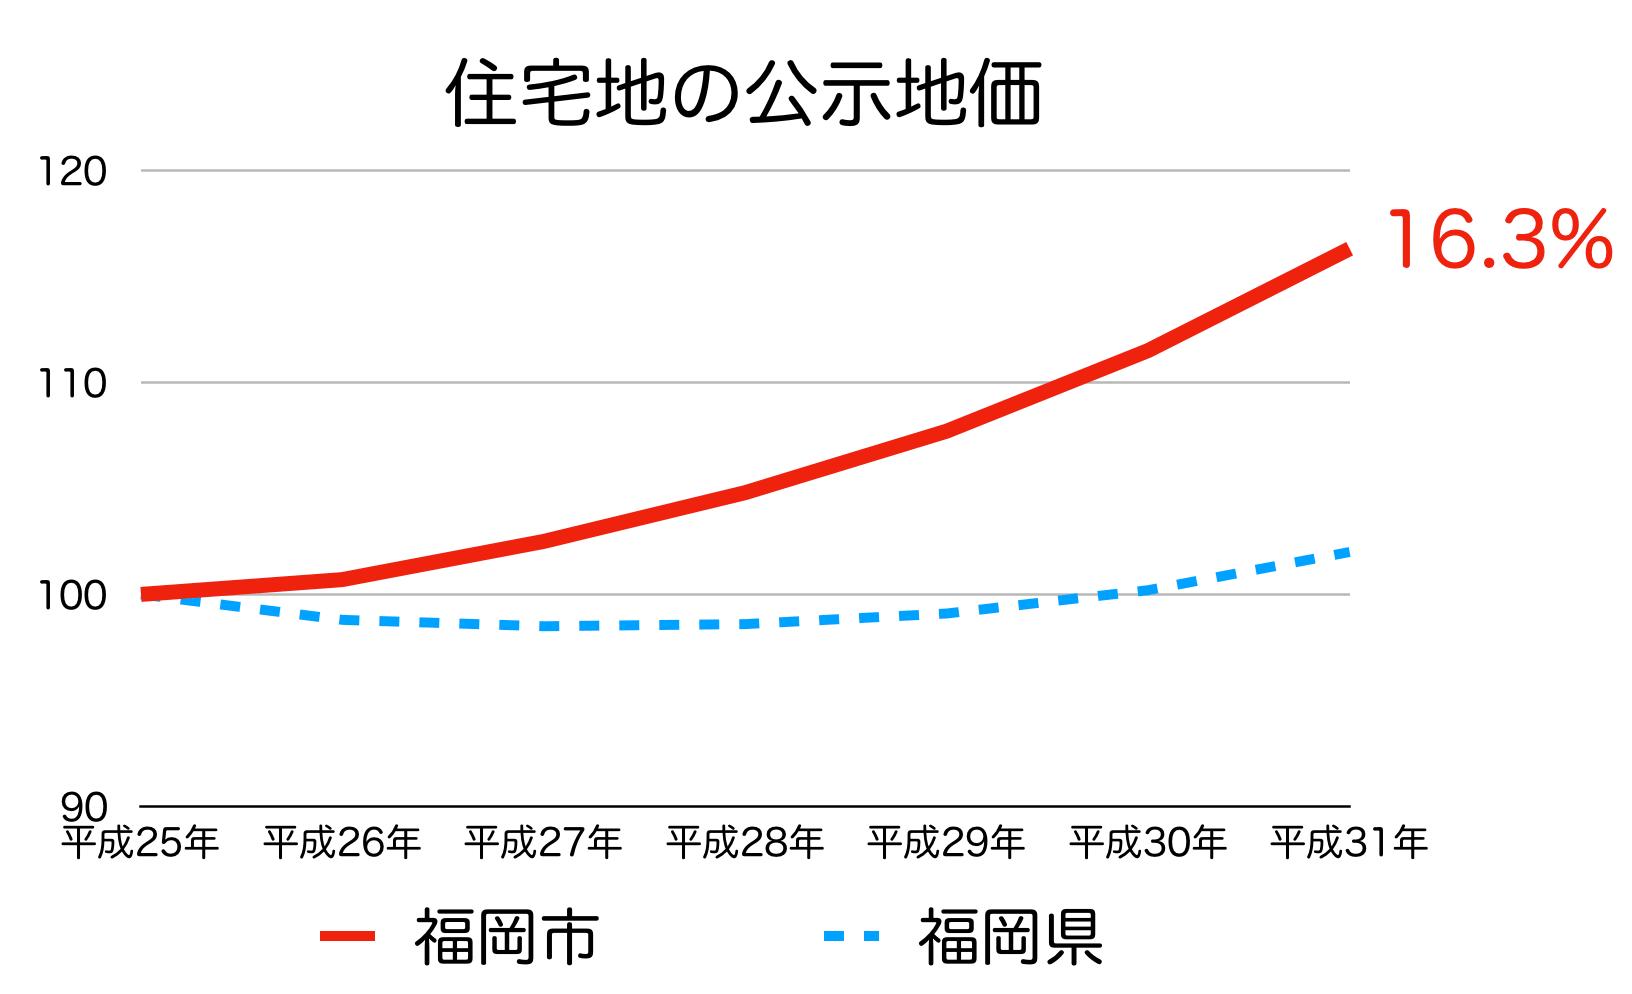 福岡市の公示地価 H25-H31